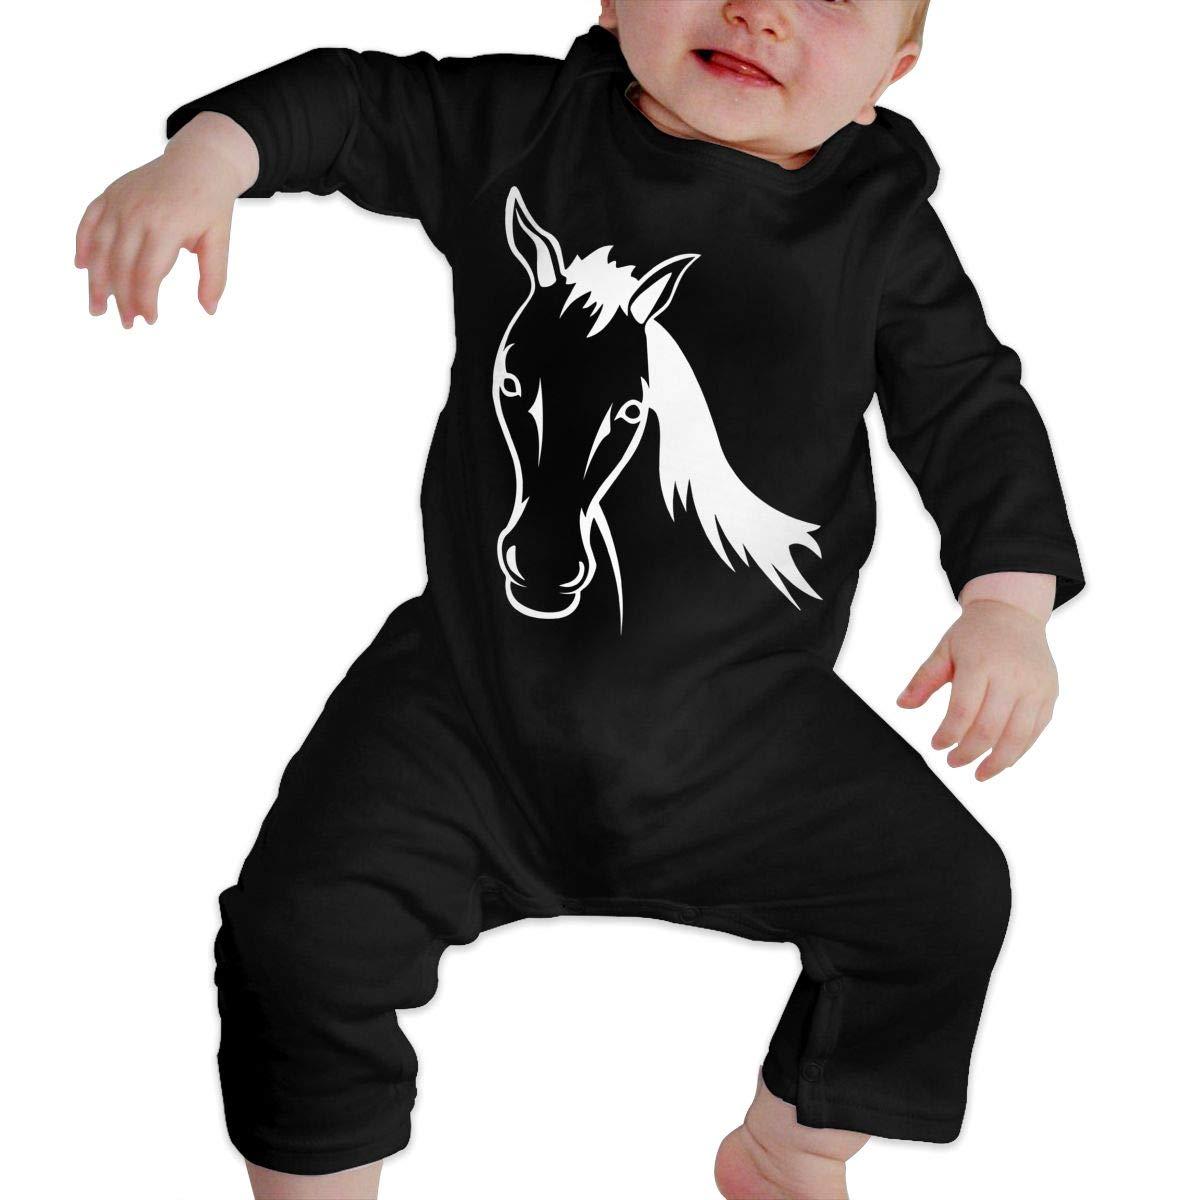 UGFGF-S3 Horse Baby Boy Girl Long Sleeve Romper Jumpsuit Kid Pajamas Onsies Black